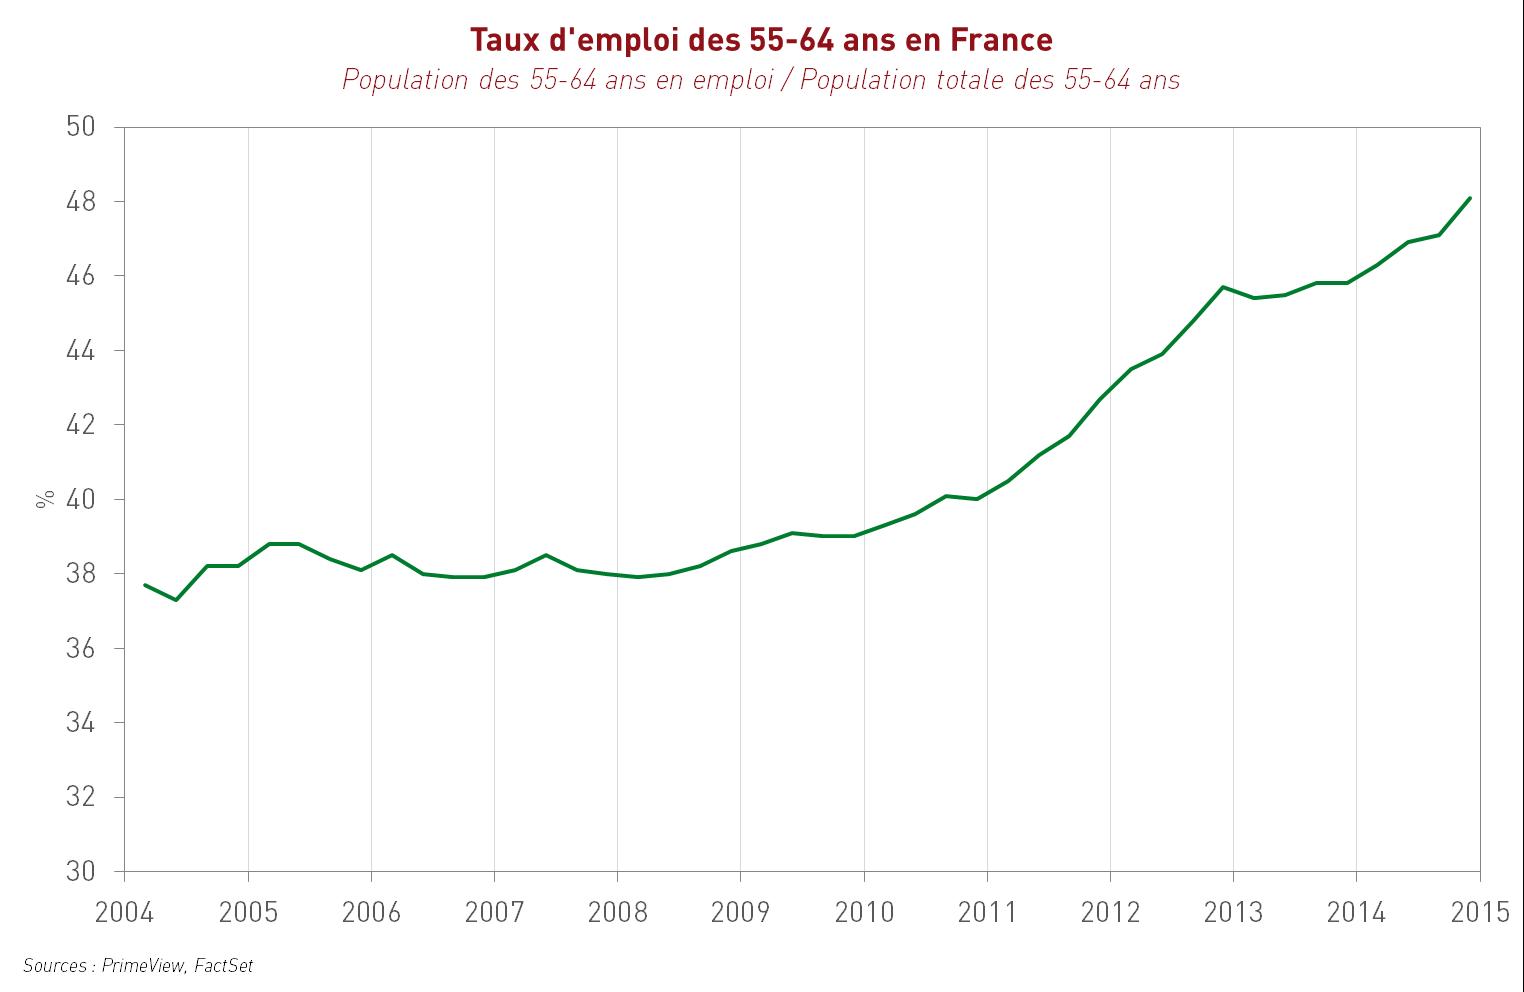 Taux d'emploi des 55-64 ans en France